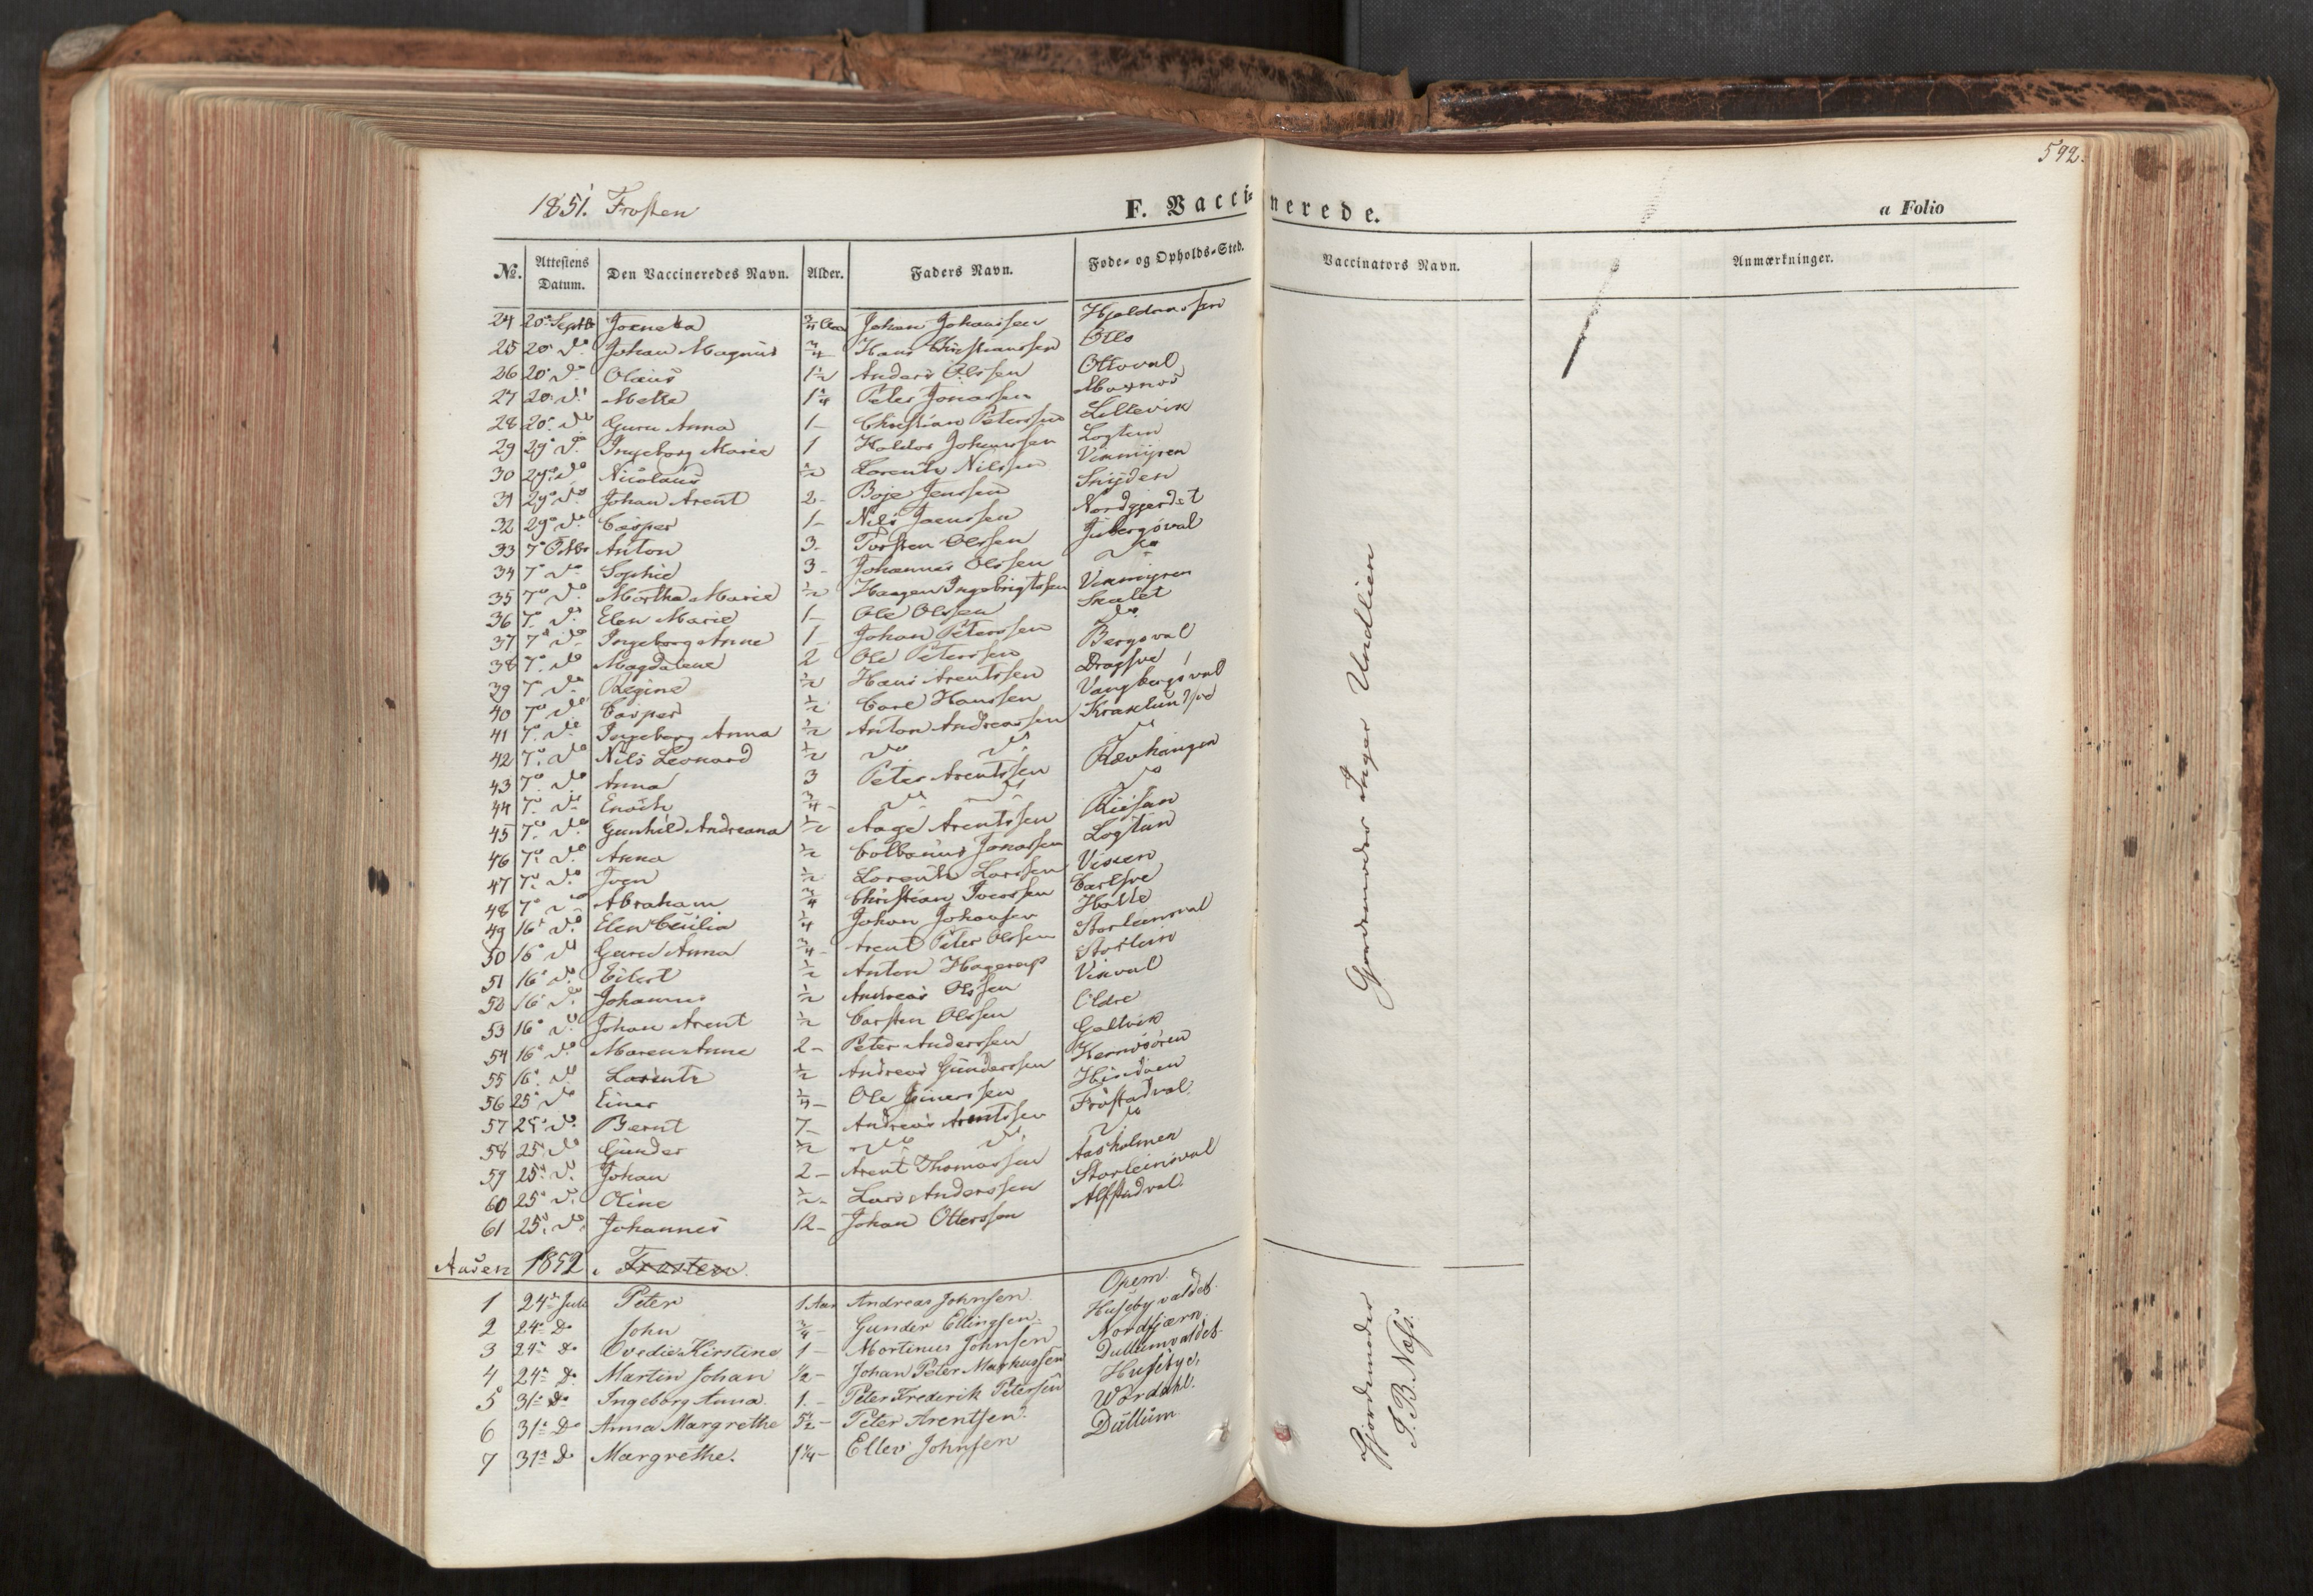 SAT, Ministerialprotokoller, klokkerbøker og fødselsregistre - Nord-Trøndelag, 713/L0116: Ministerialbok nr. 713A07, 1850-1877, s. 592